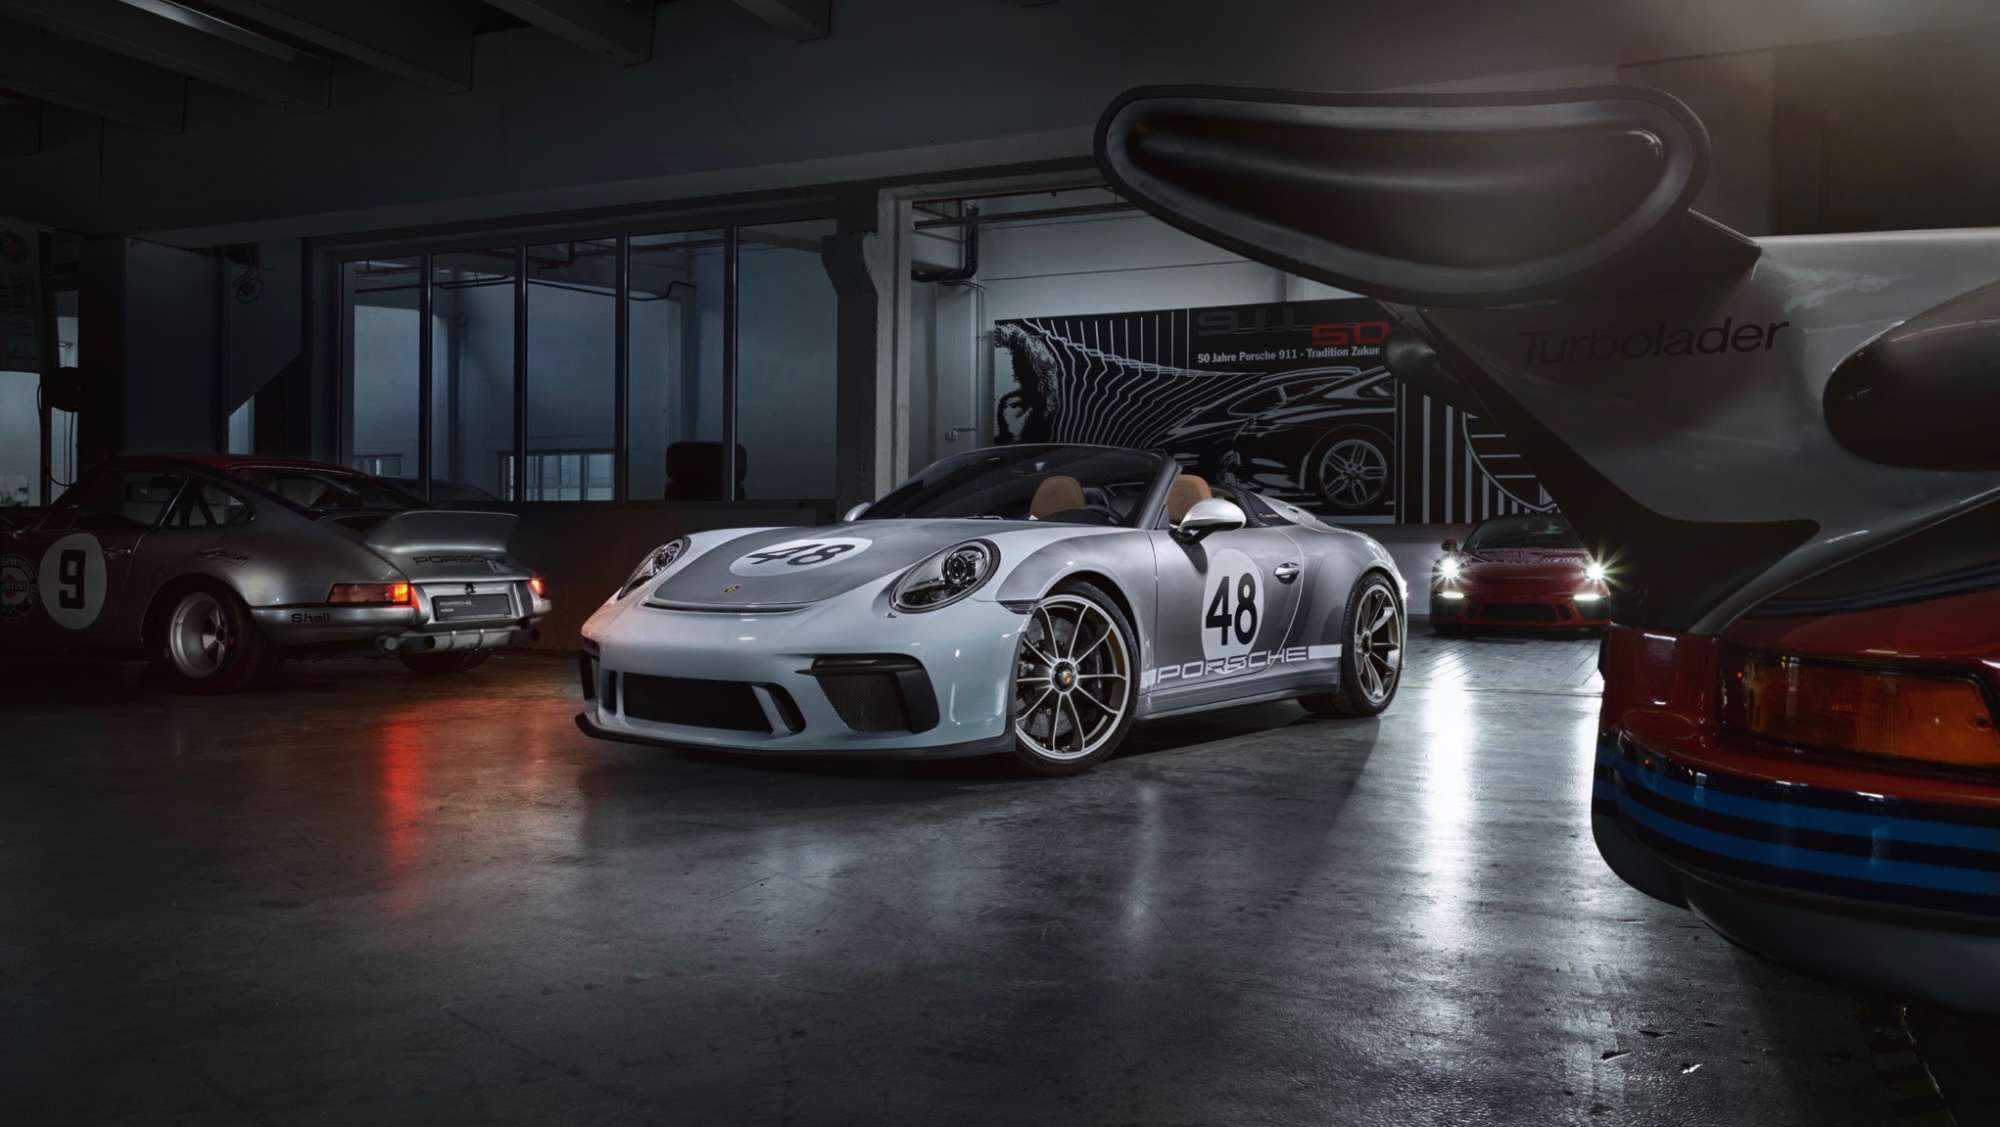 Porsche (991) 911 Speedster in Grau